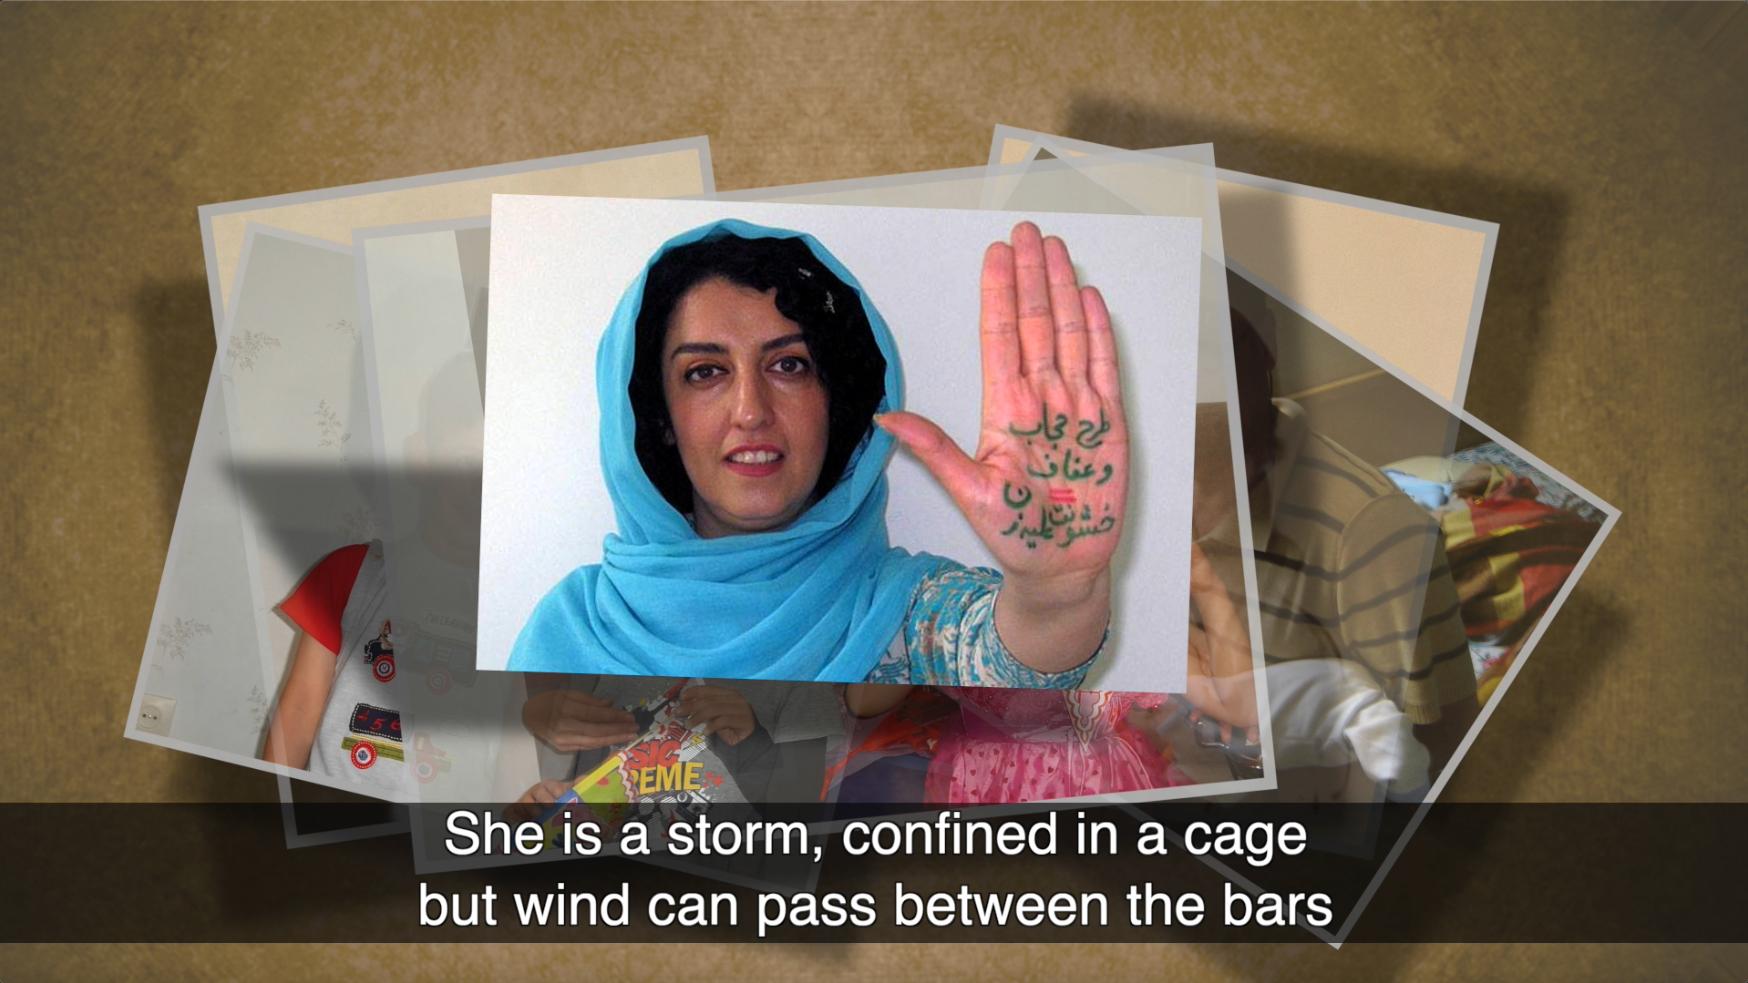 På jakt etter frihet: Narges Mohammadis brev fra fengselet